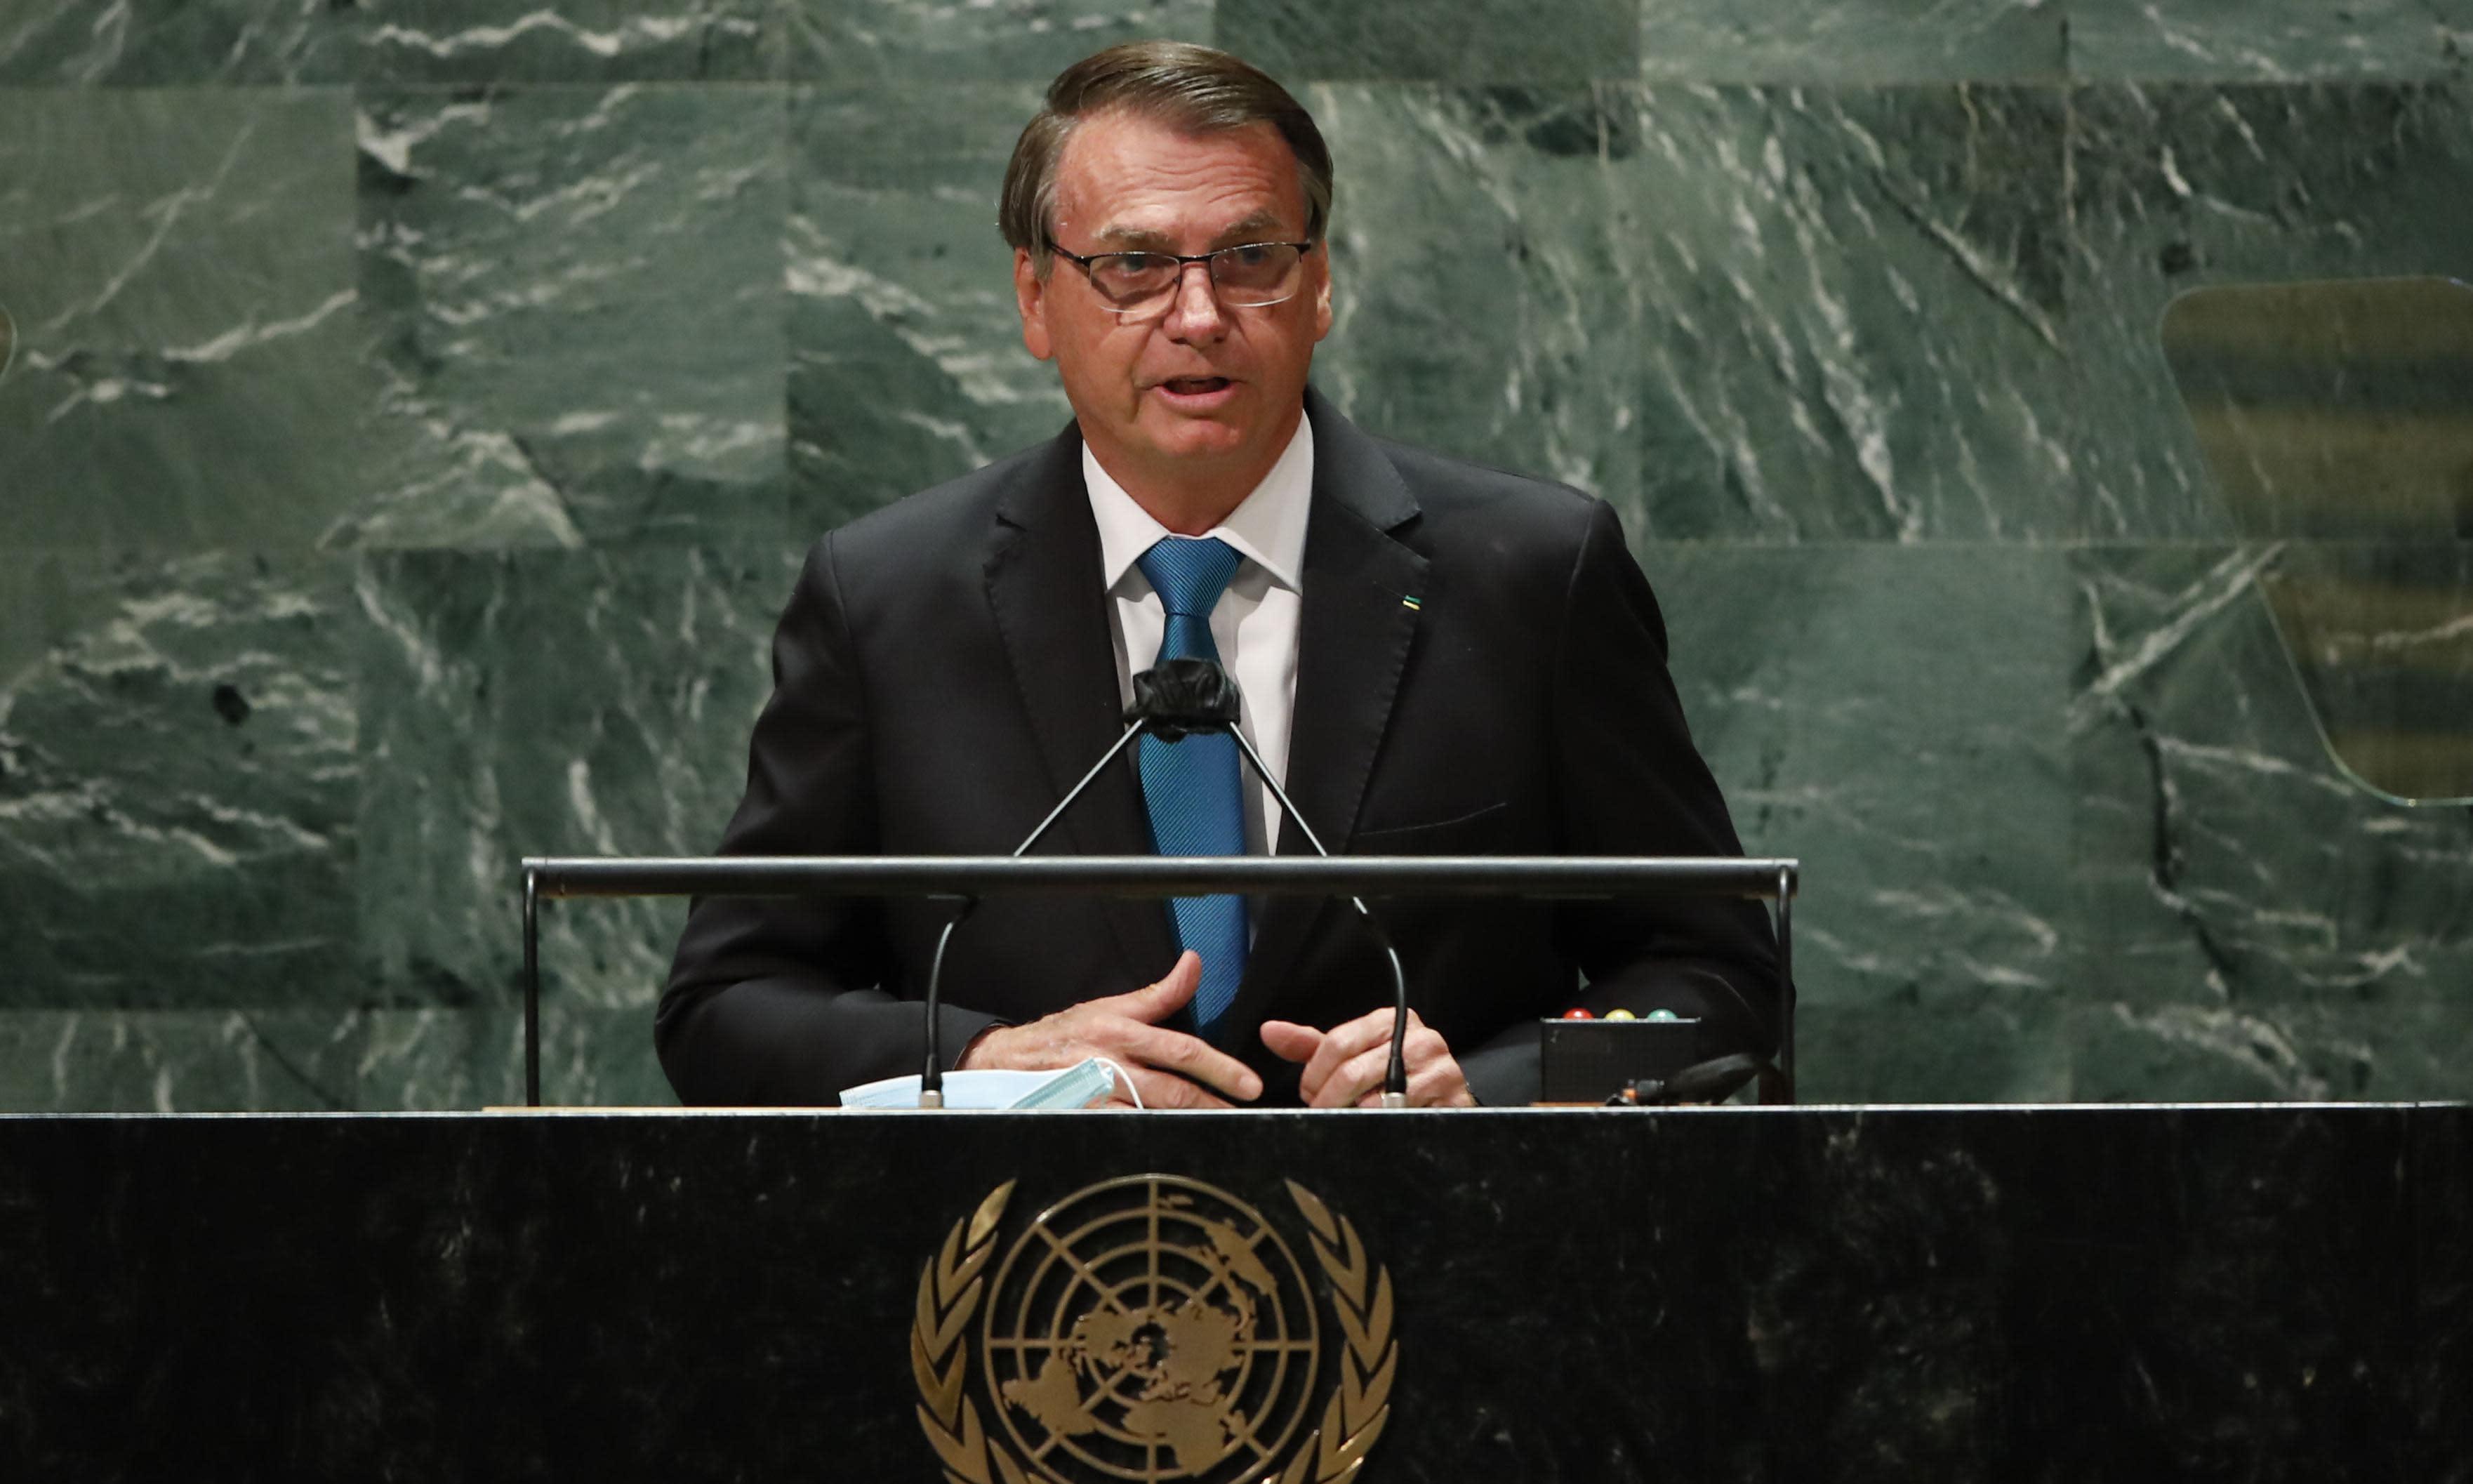 Bolsonaro vowed to show a new Brazil but 'lie-filled' UN speech cuts little ice